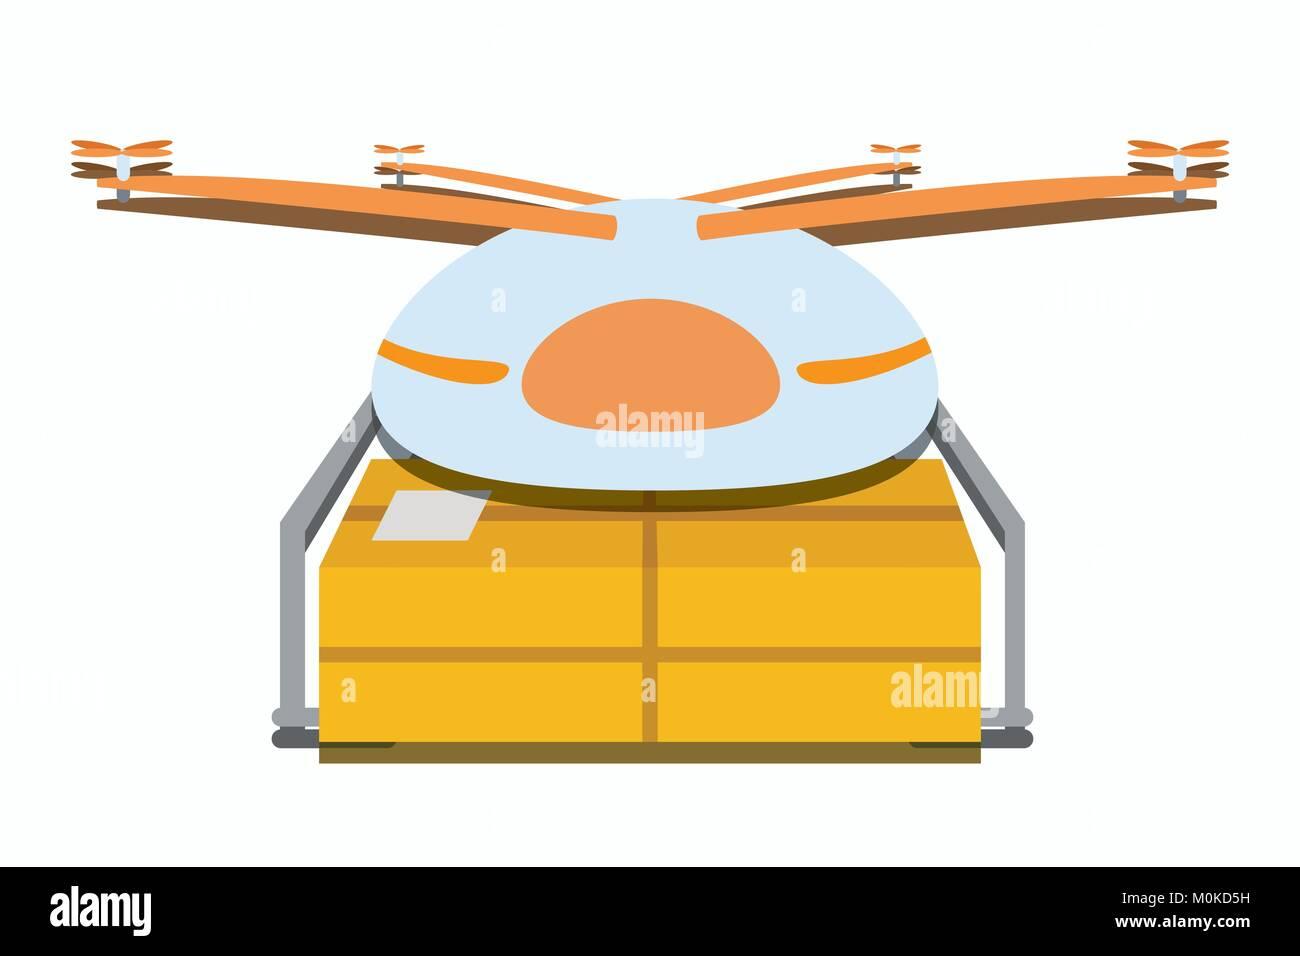 Delivering Vectors Imágenes De Stock & Delivering Vectors Fotos De ...